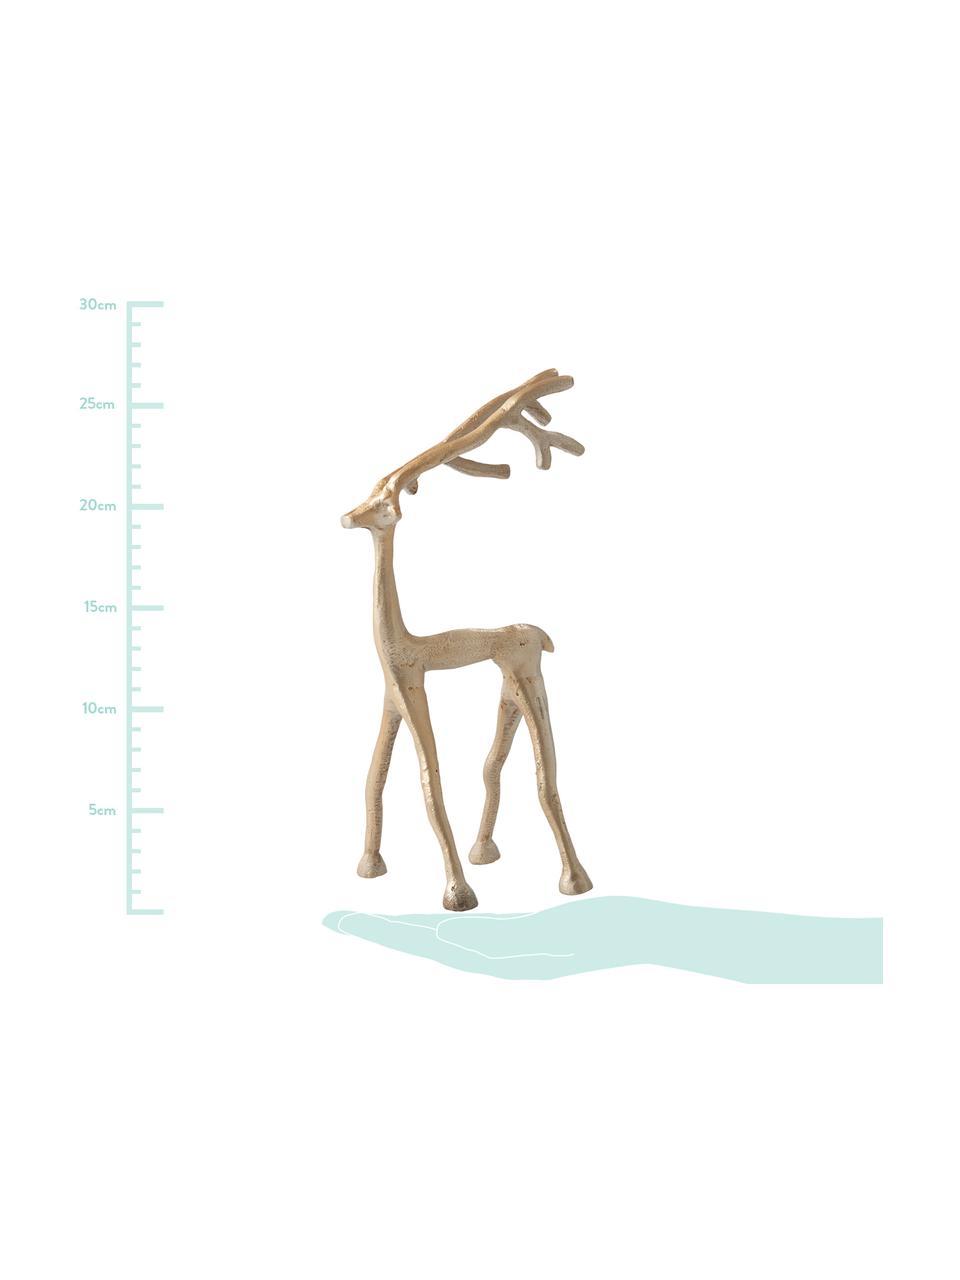 Deko-Objekt Marley Reindeer, Aluminium, beschichtet, Messingfarben, 14 x 27 cm